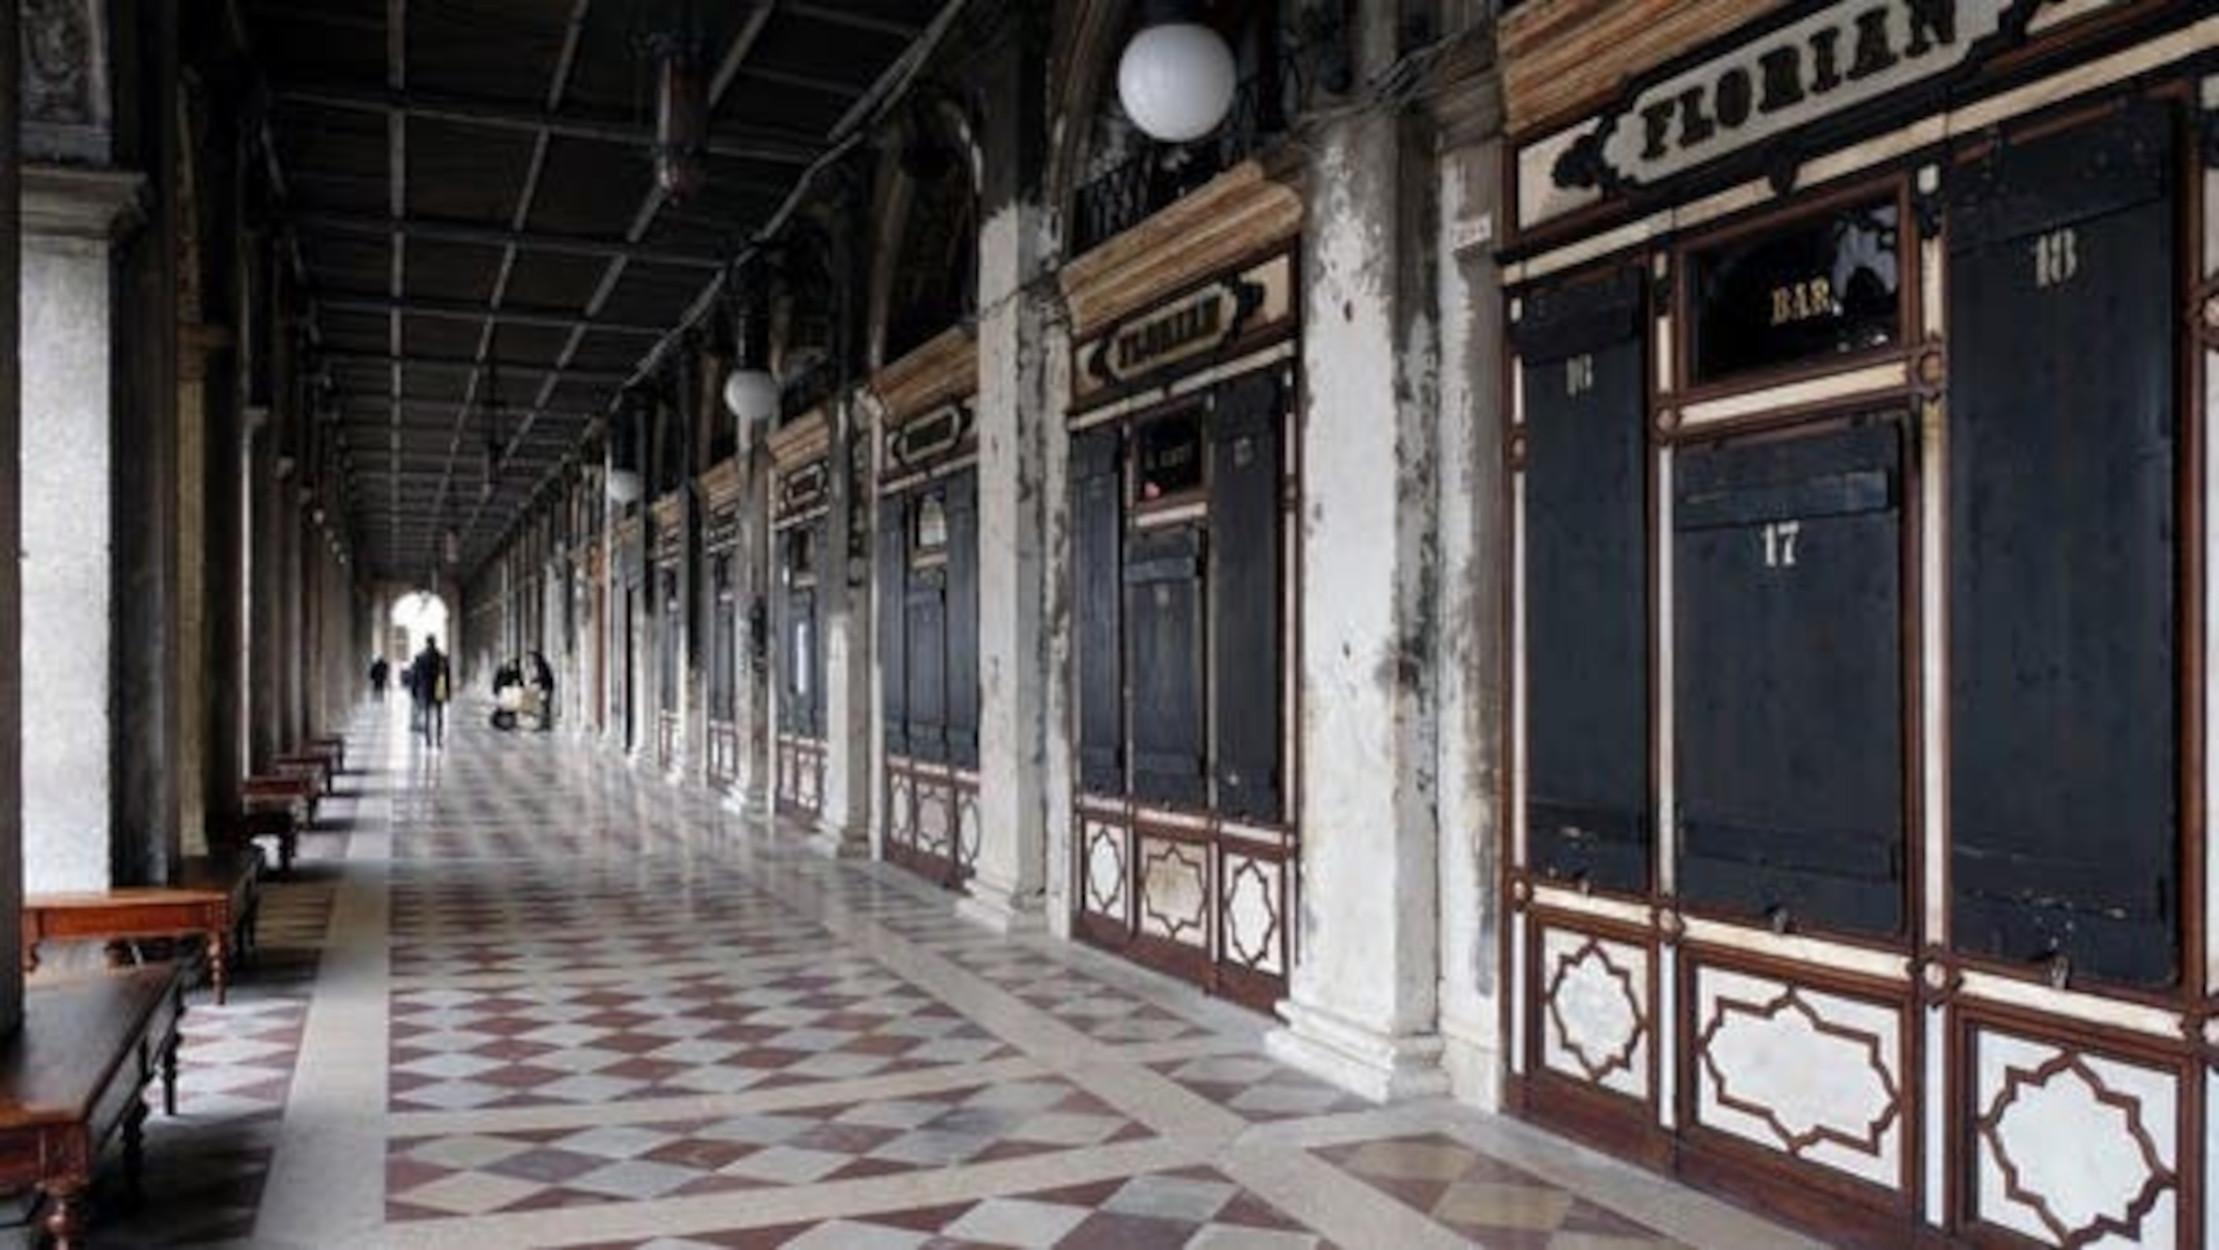 Βενετία: Προς χρεοκοπία το θρυλικό Caffe Florian που έκλεισε 300 χρόνια ζωής